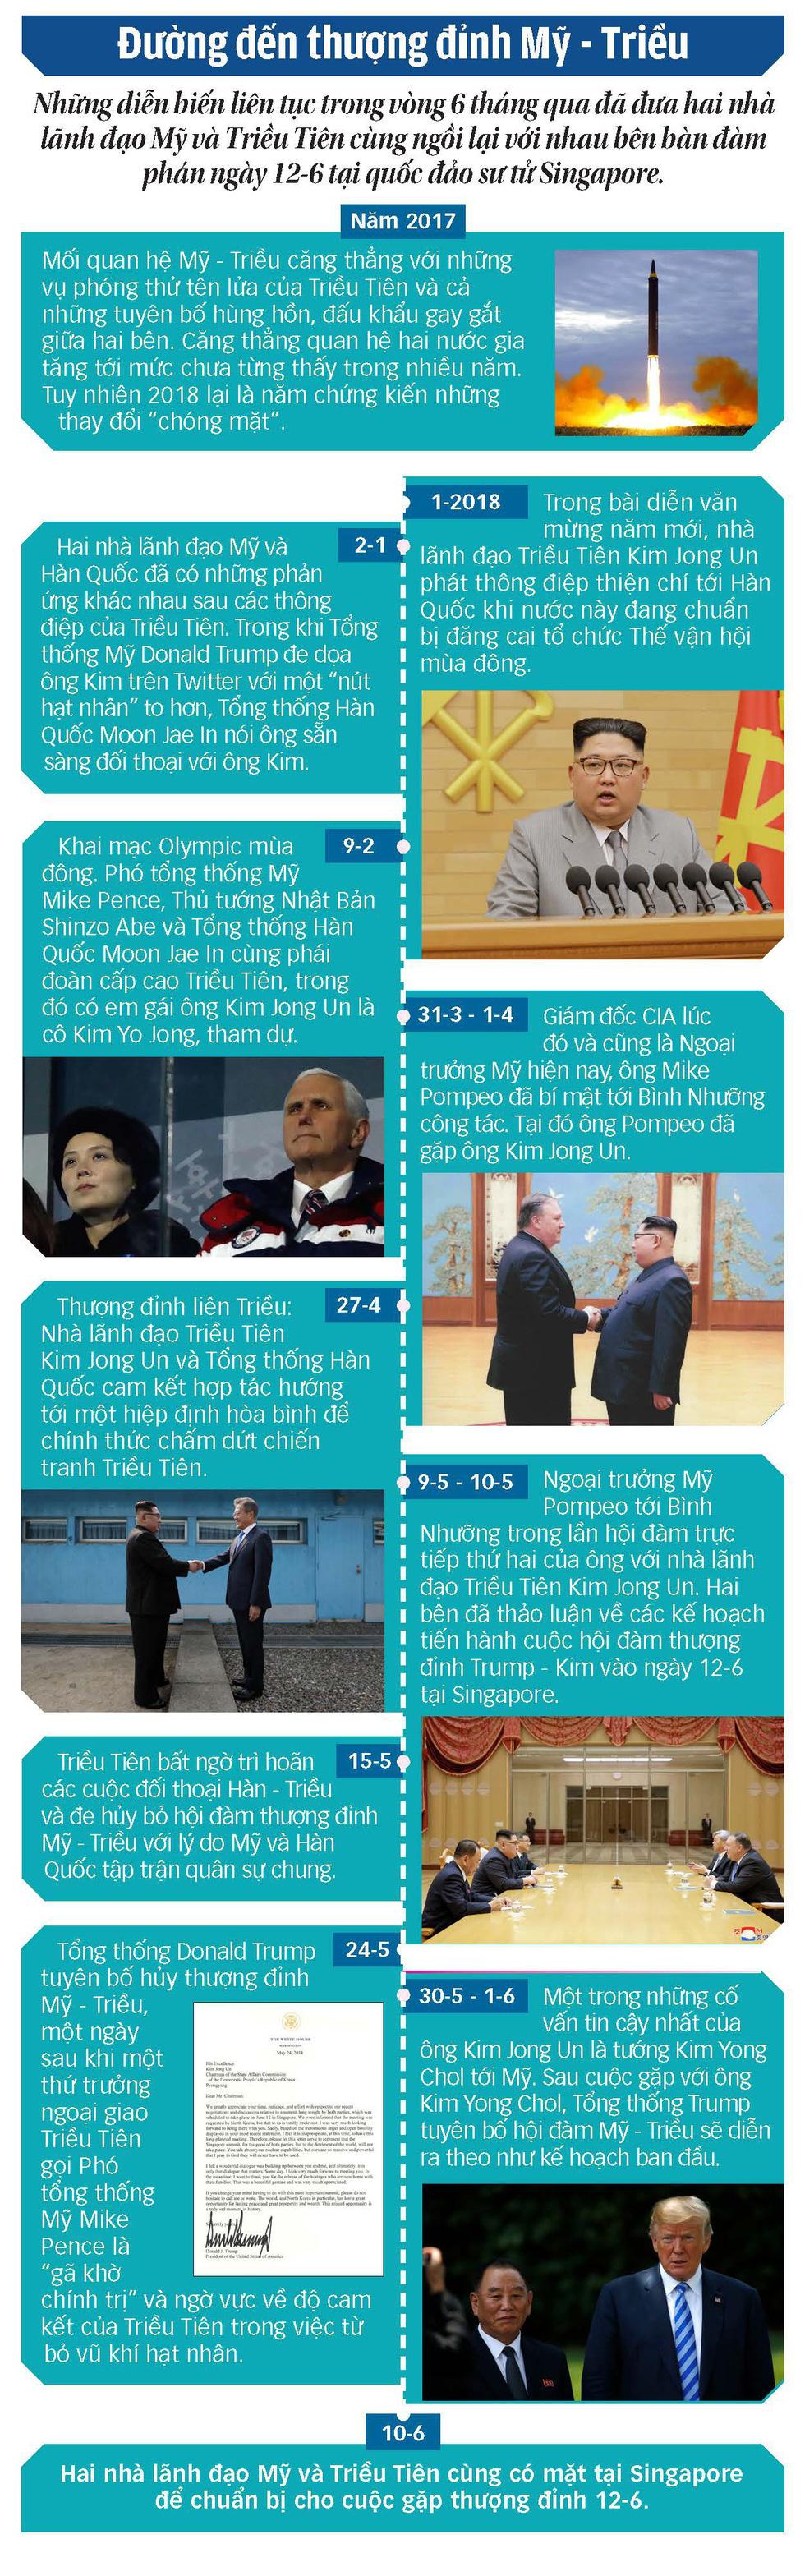 Hành trình đến cuộc gặp thượng đỉnh Mỹ Triều - Ảnh 1.